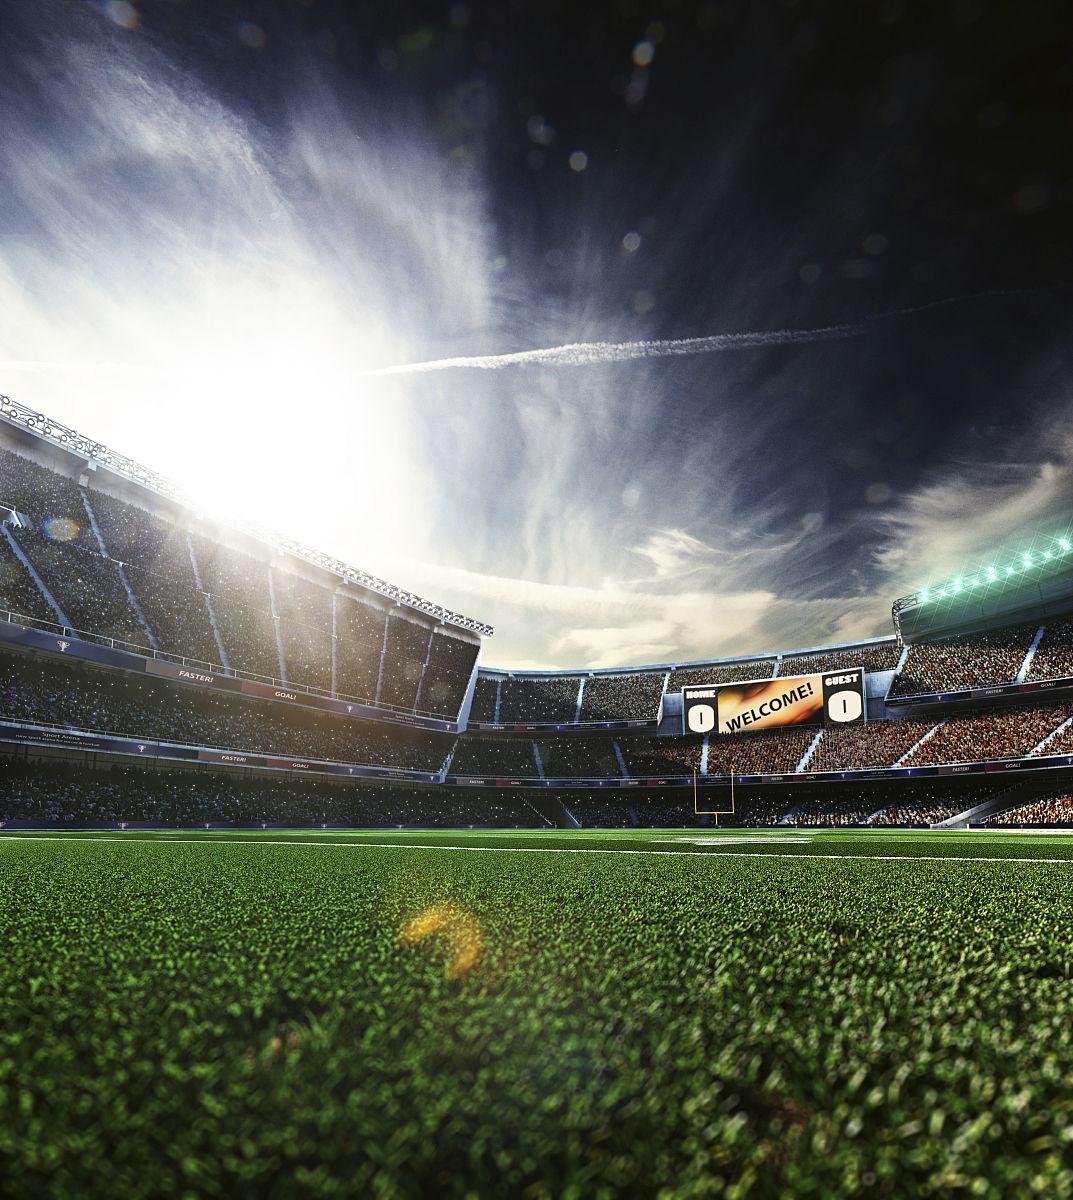 户外,广角,聚光照明,竞技运动,足球运动,美式足球,观众,群众,庭院图片